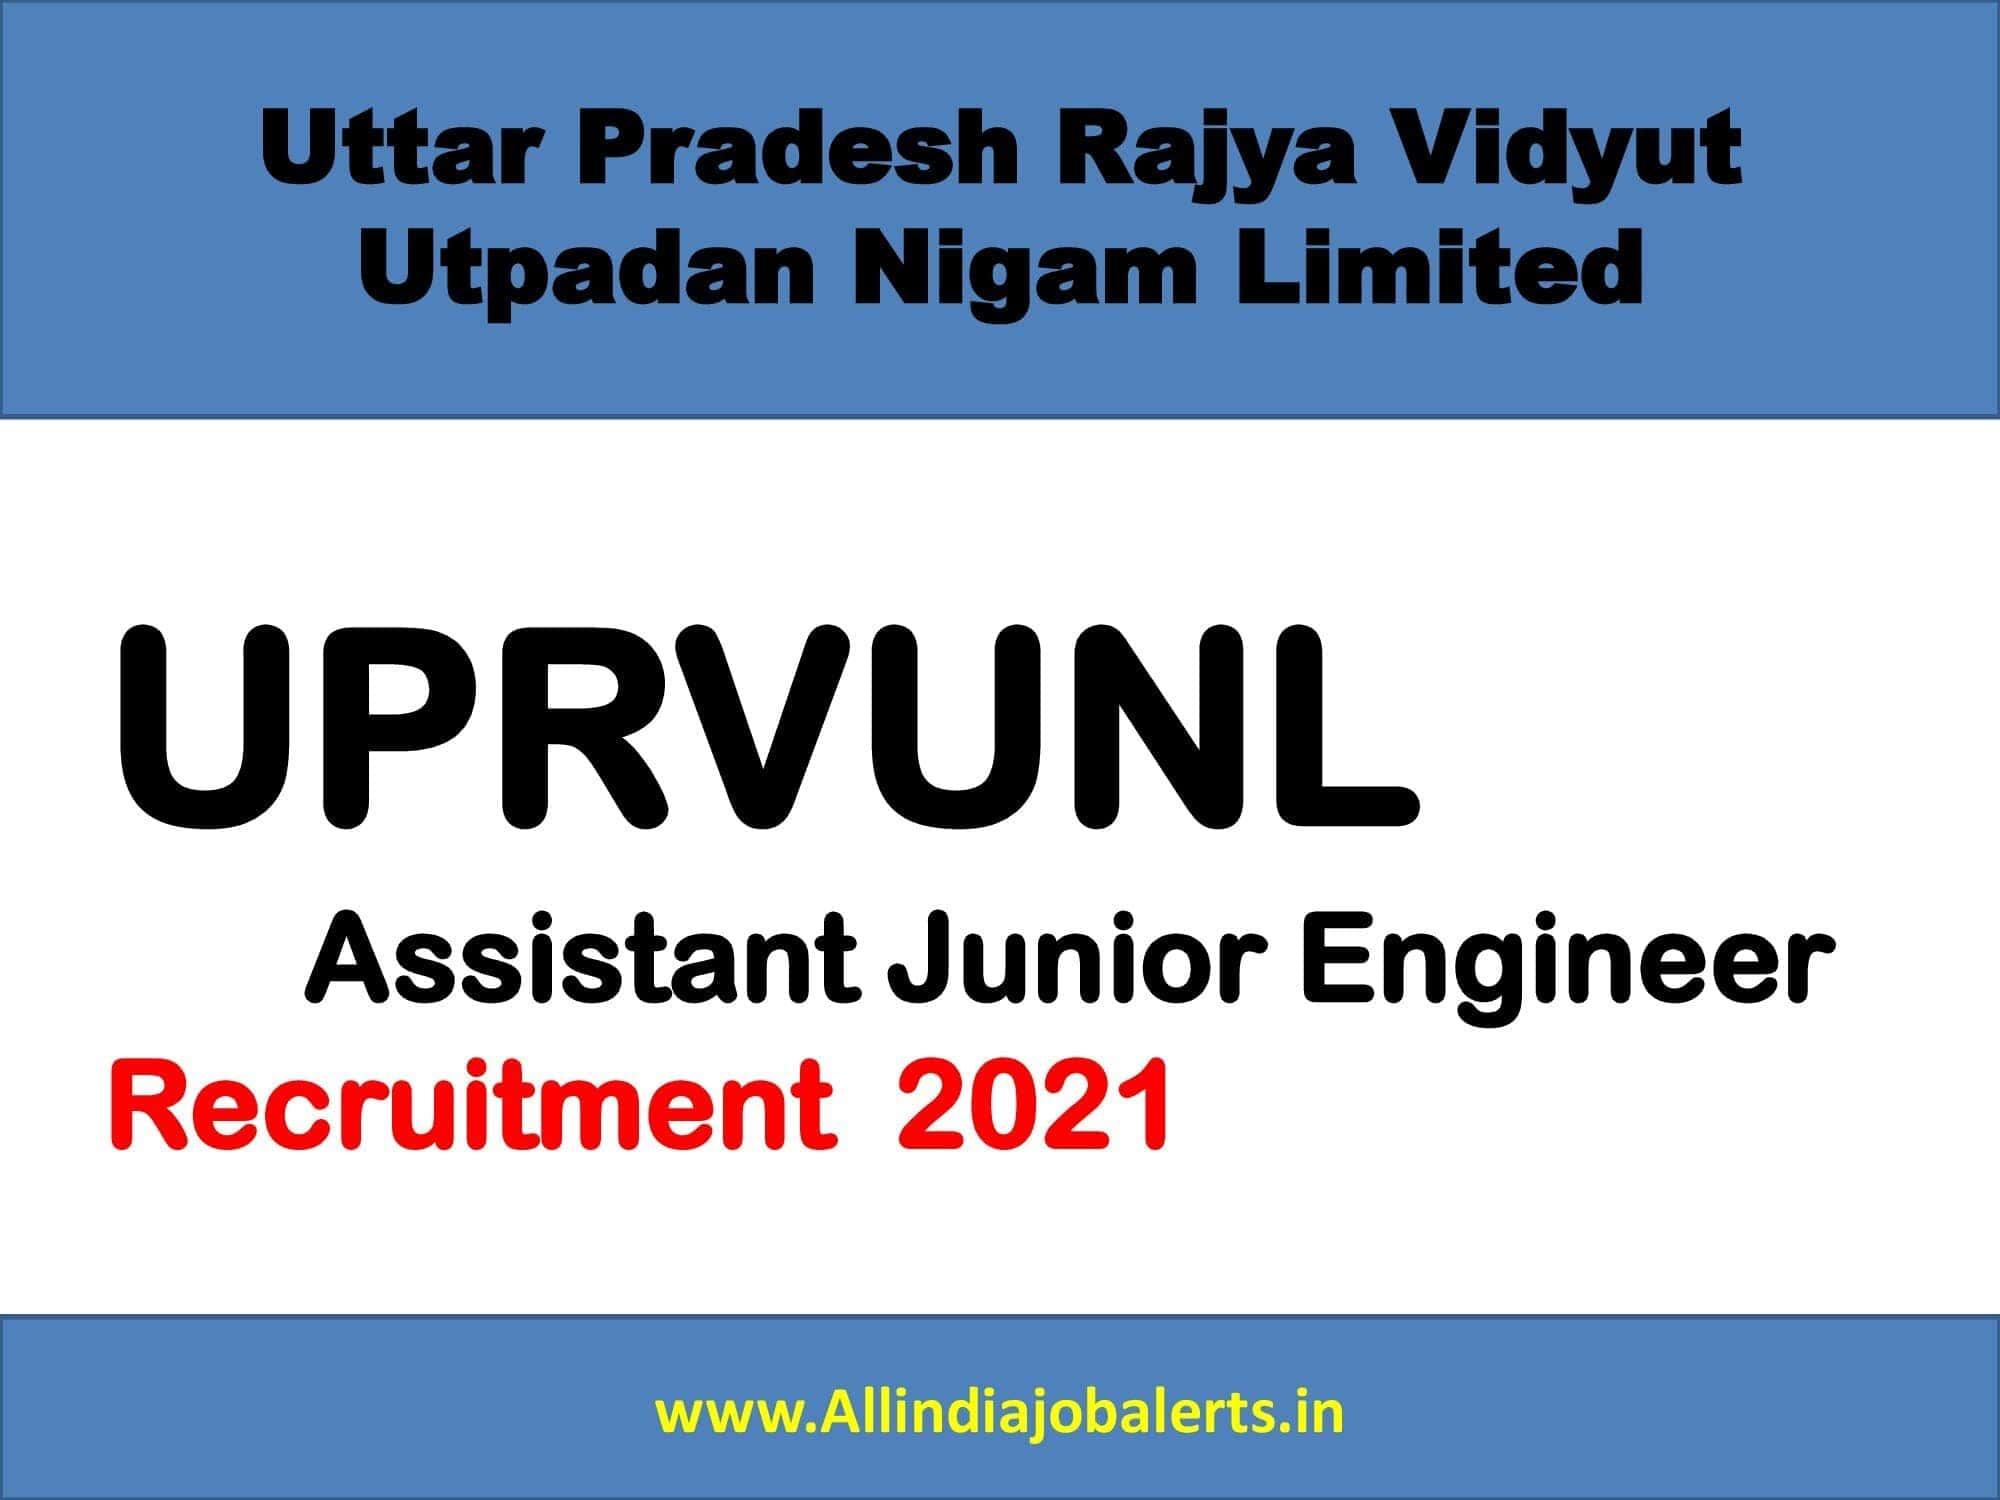 UP Govt Jobs, Uttar Pradesh (UPRVUNL) Recruitment 2021